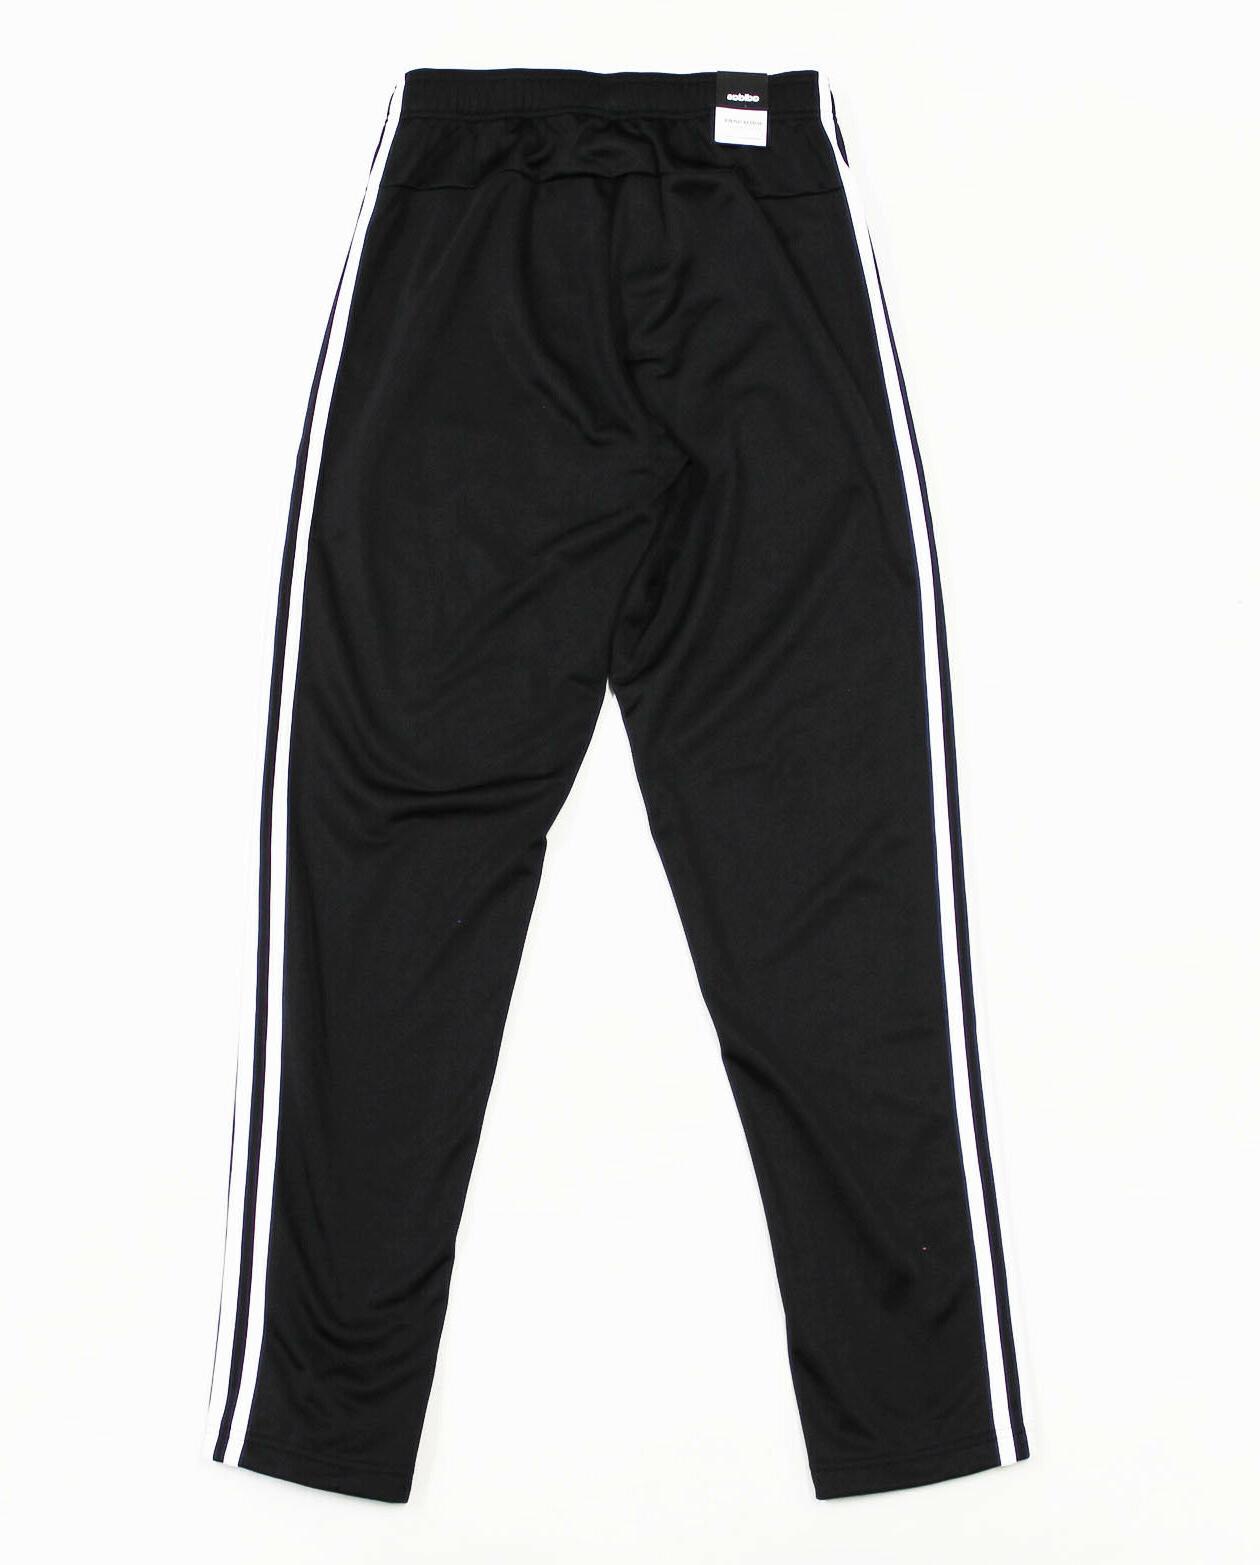 NWT ADIDAS Men's Pocket-Zipper Suit Set Jacket